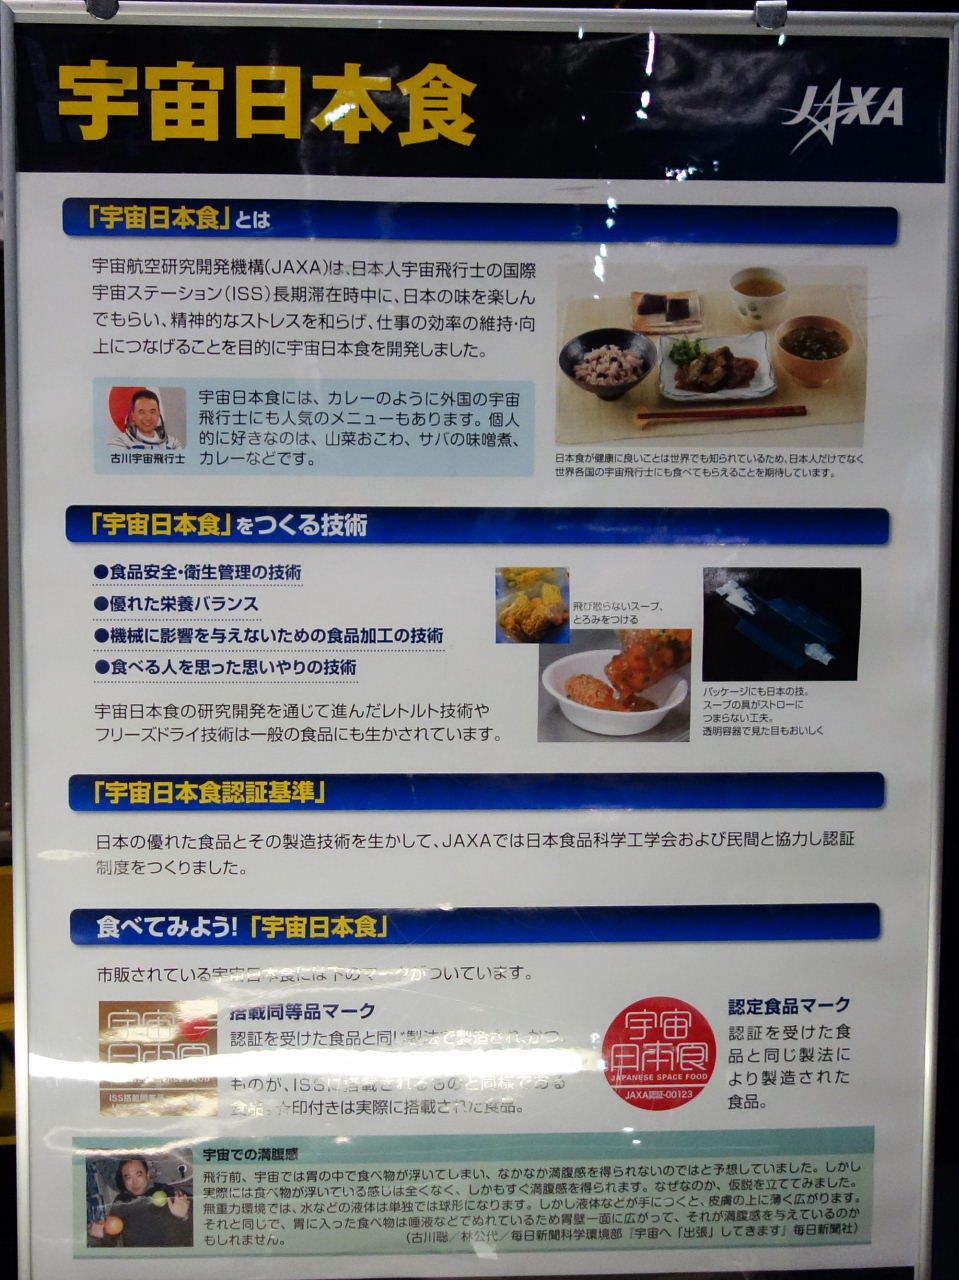 JAXA_ (55)宇宙日本食